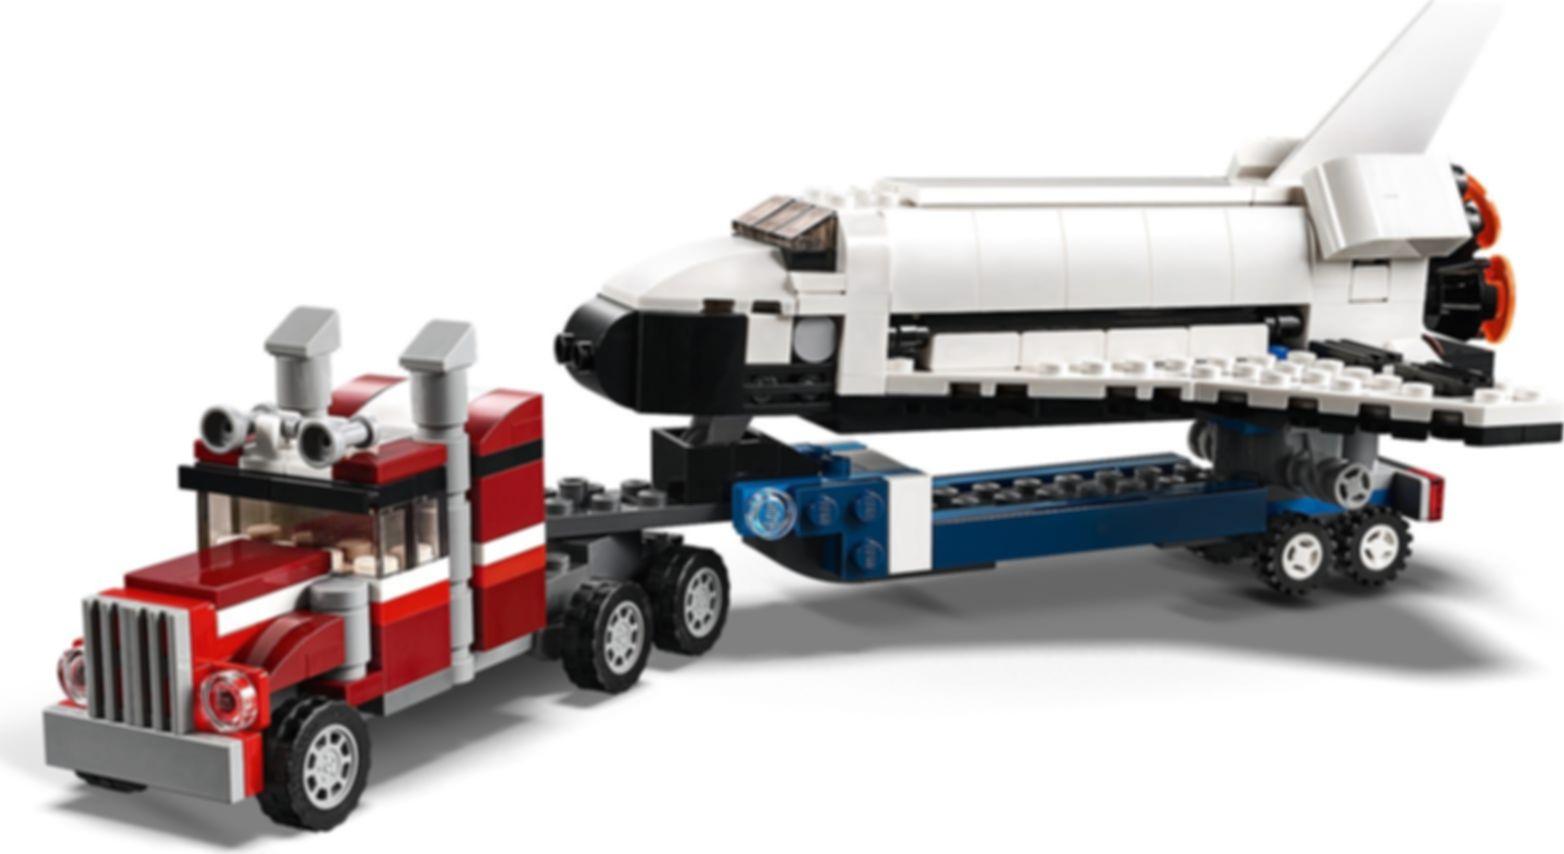 Shuttle Transporter gameplay